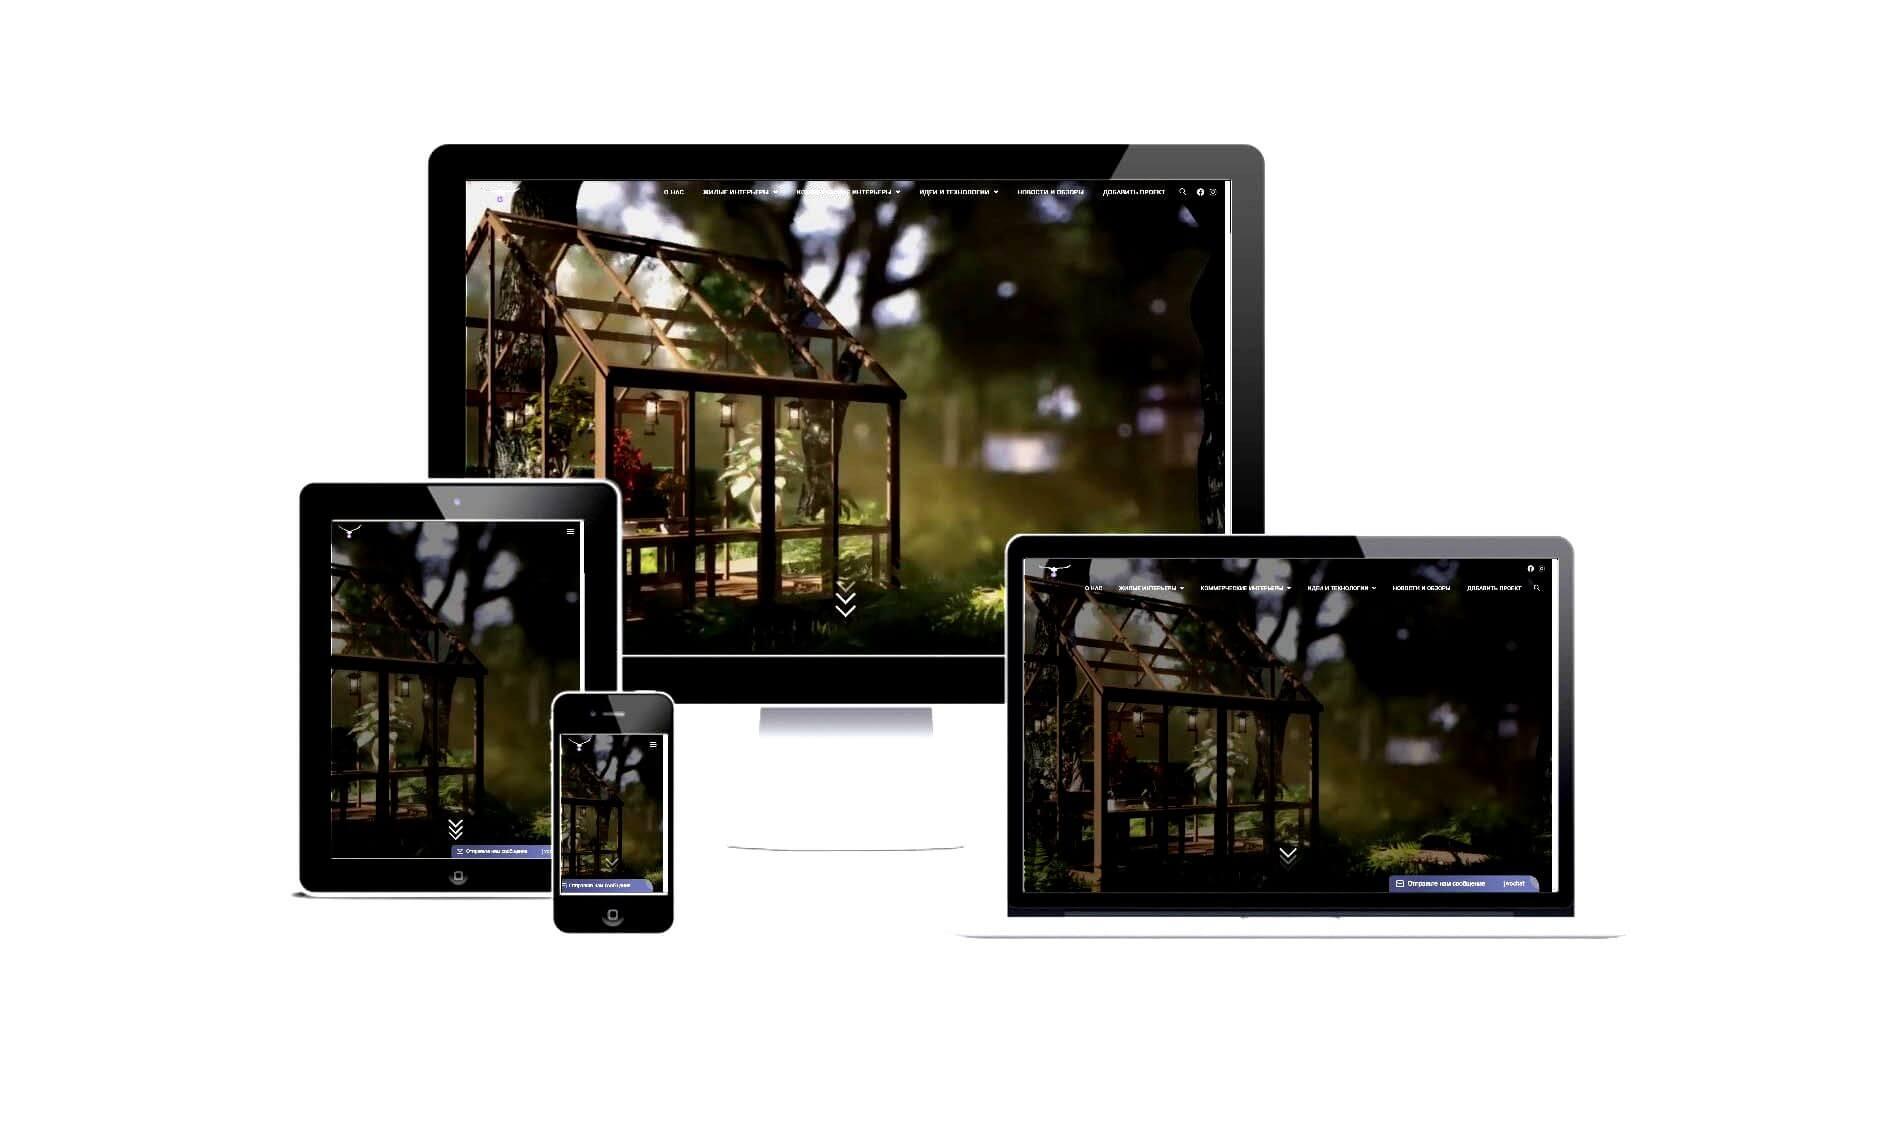 Сайт интернет-издания о дизайне интерьера